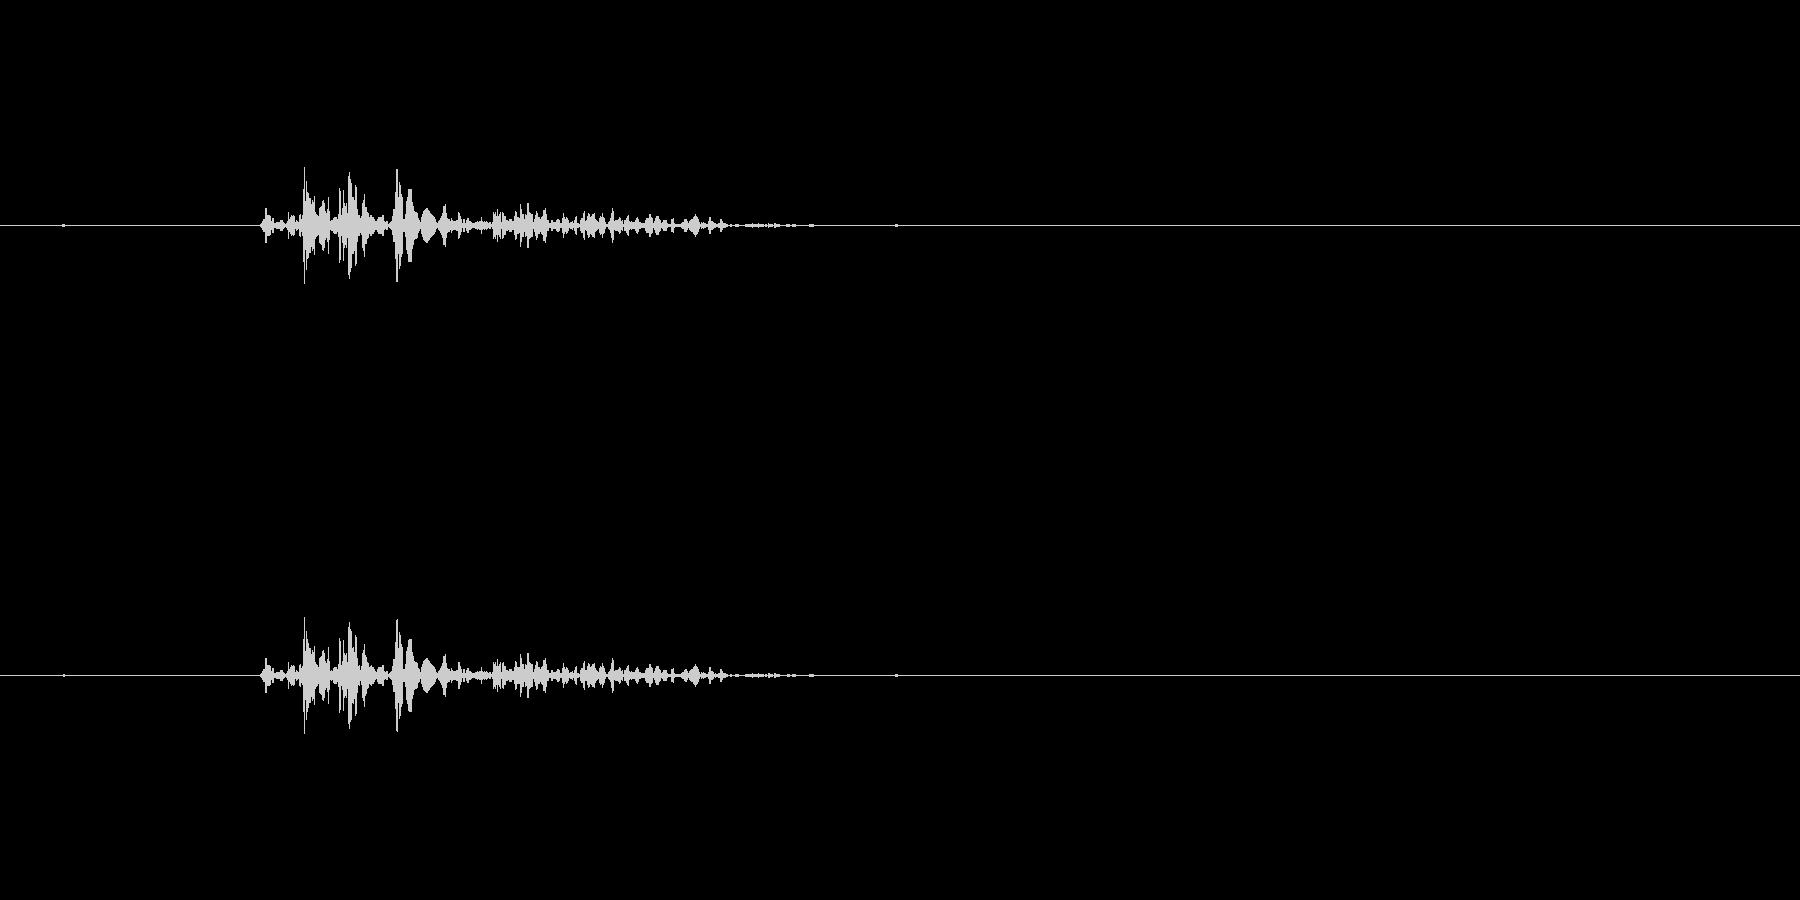 ぐちゃ(沼を歩く音・攻撃音などに)の未再生の波形